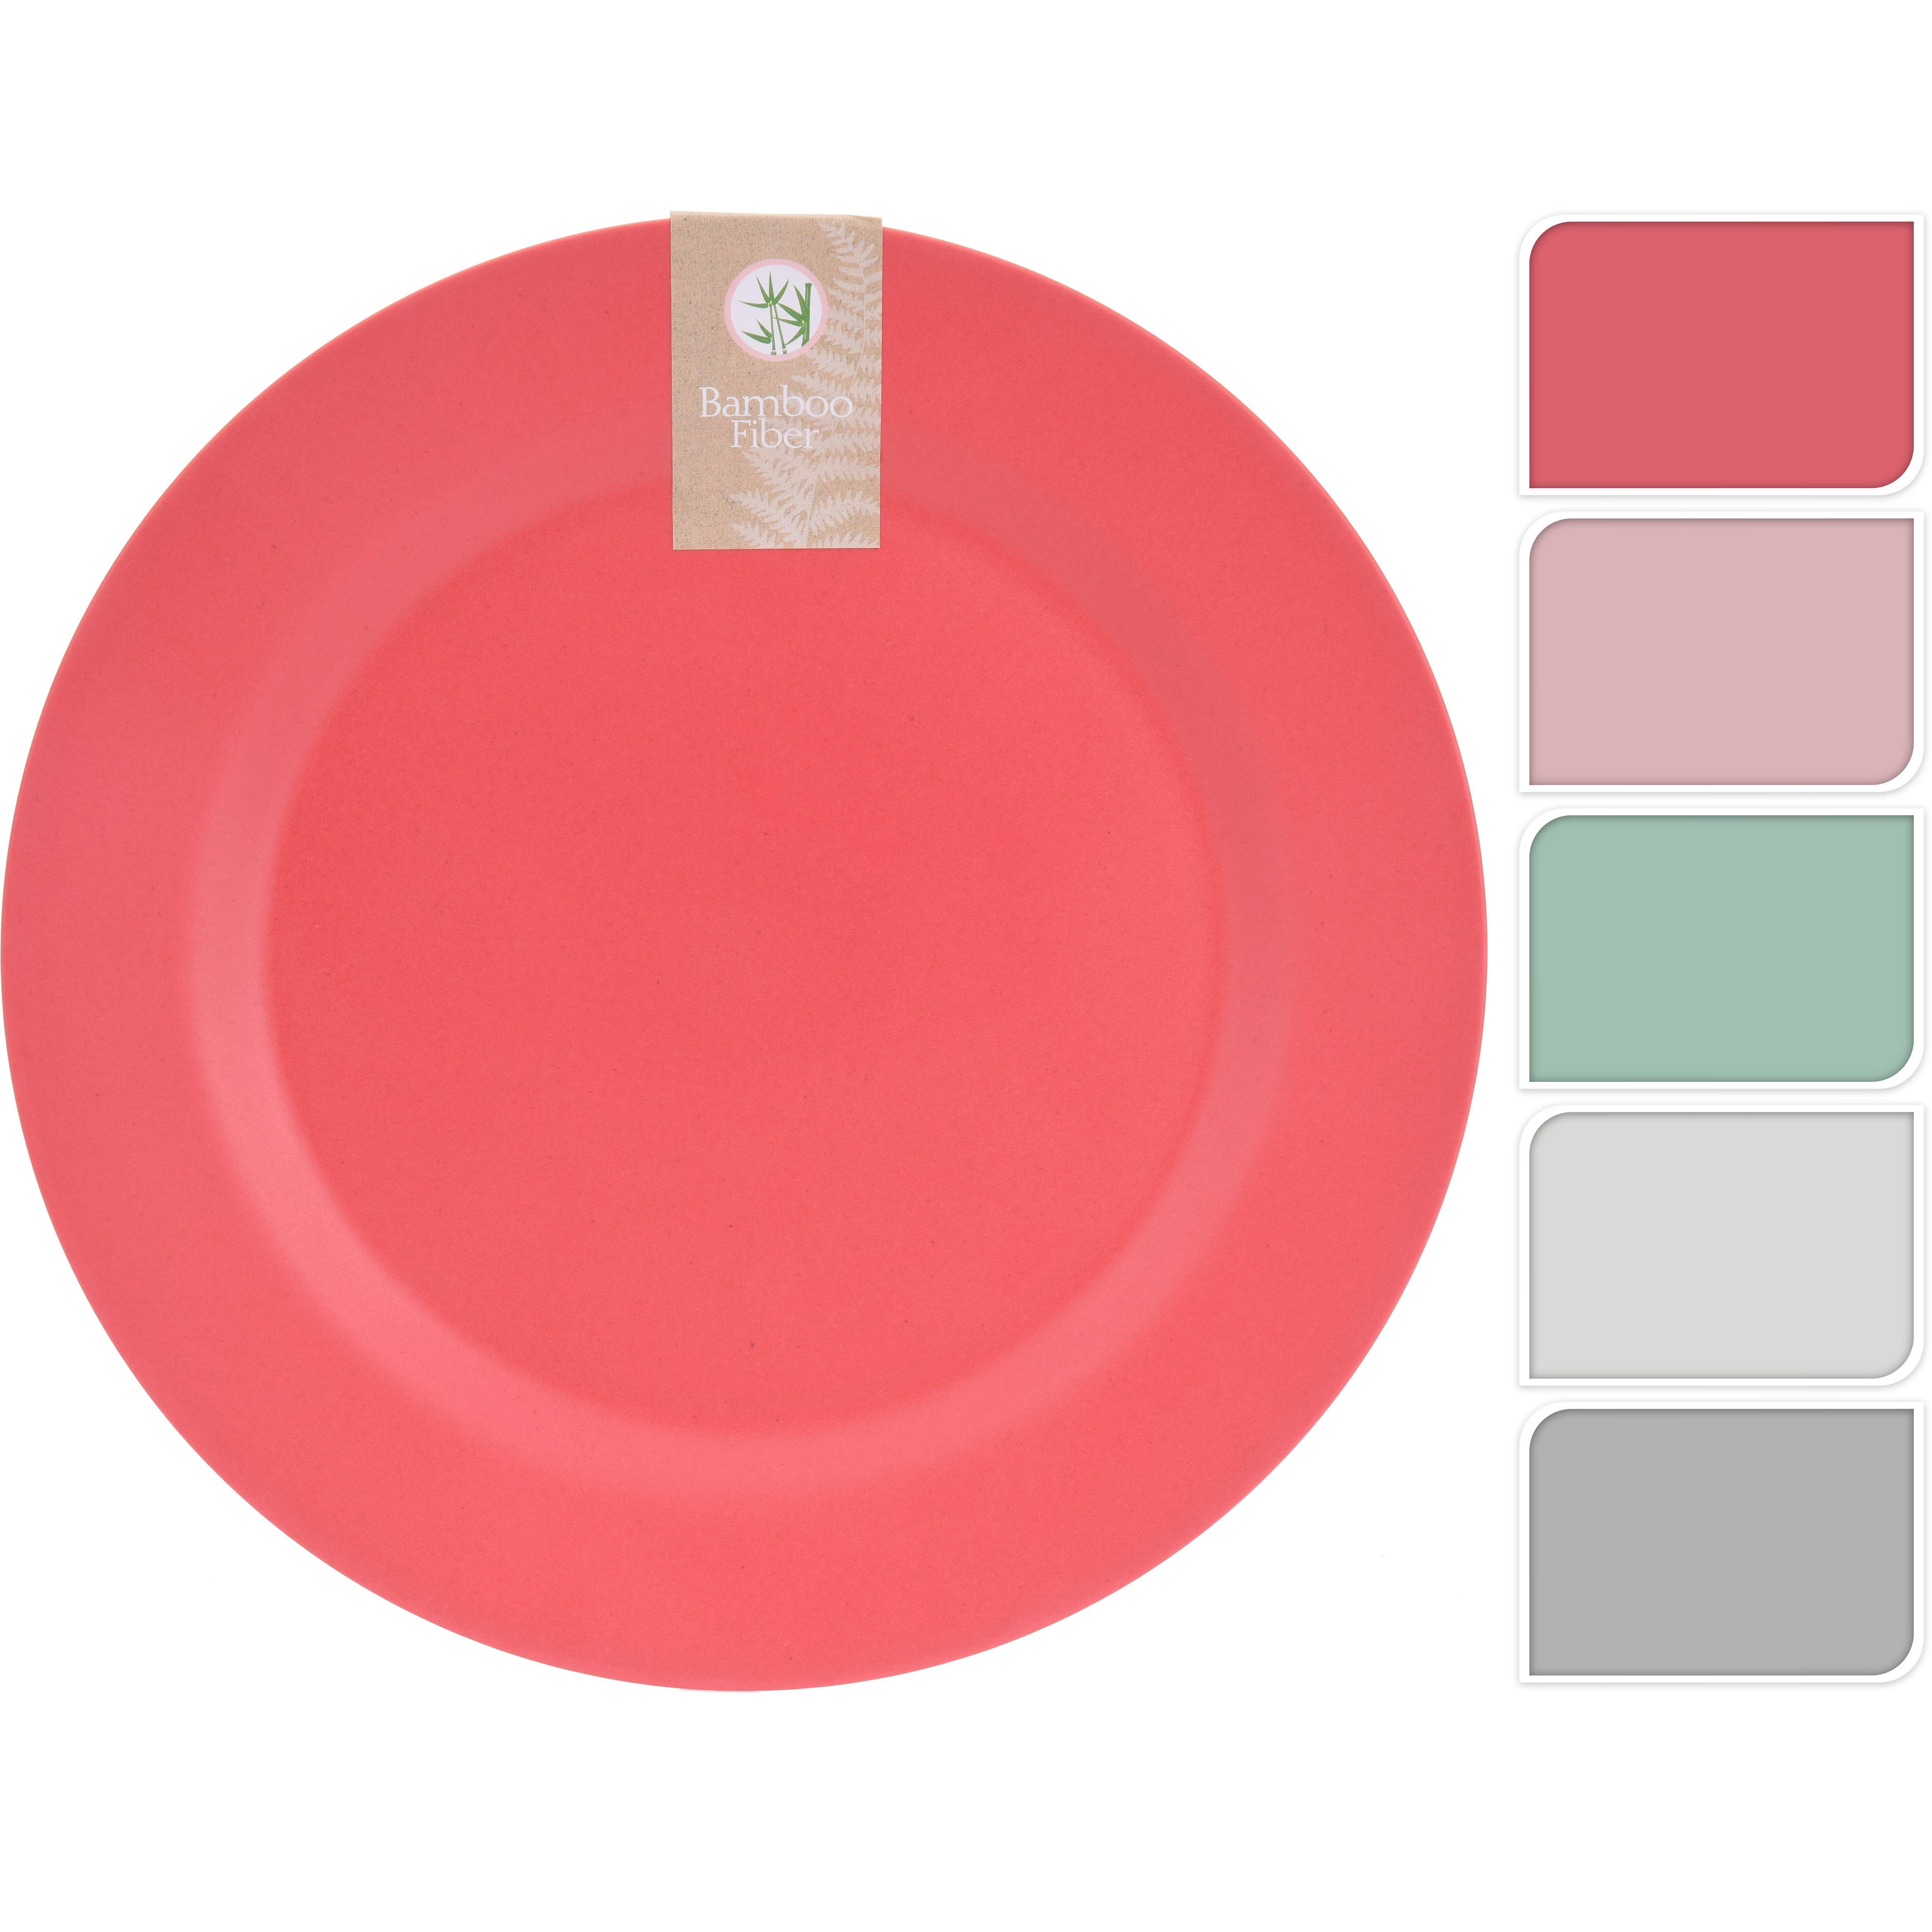 Тарелка бамбуковая 25 см в ассортиментетарелка 25 см. Не использовать с горячими продуктами, не нагревать в свч. Предпочтительна ручная мойка.<br>